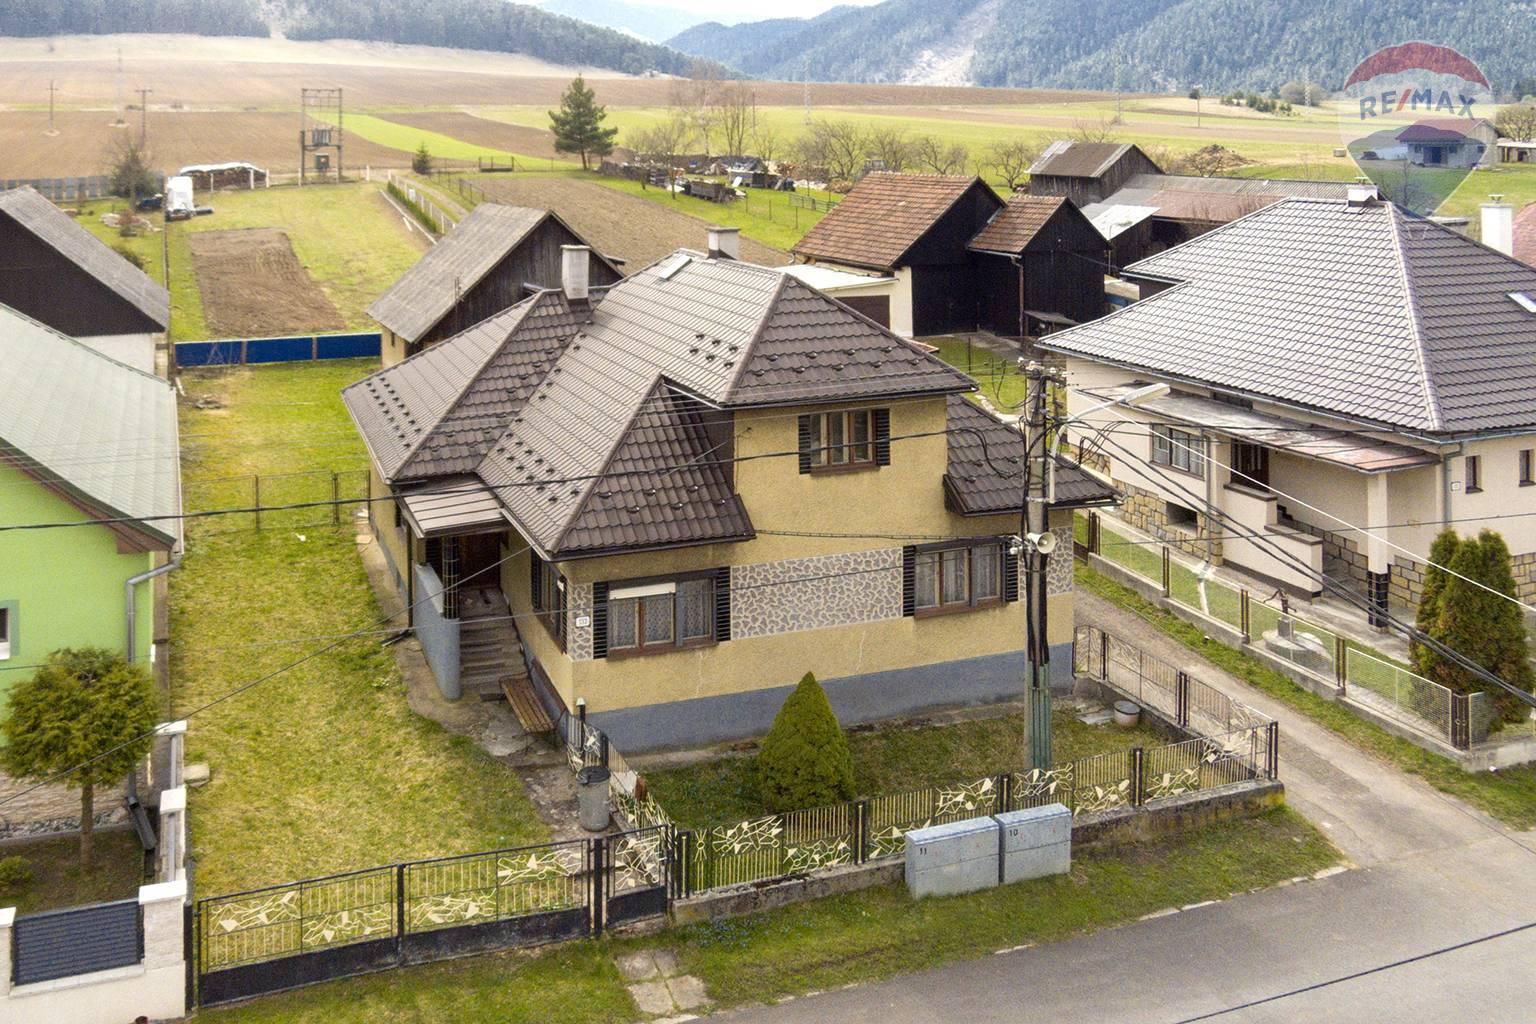 Predám dom na rekreáciu, Liptovský Mikuláš - Kráľova Lehota